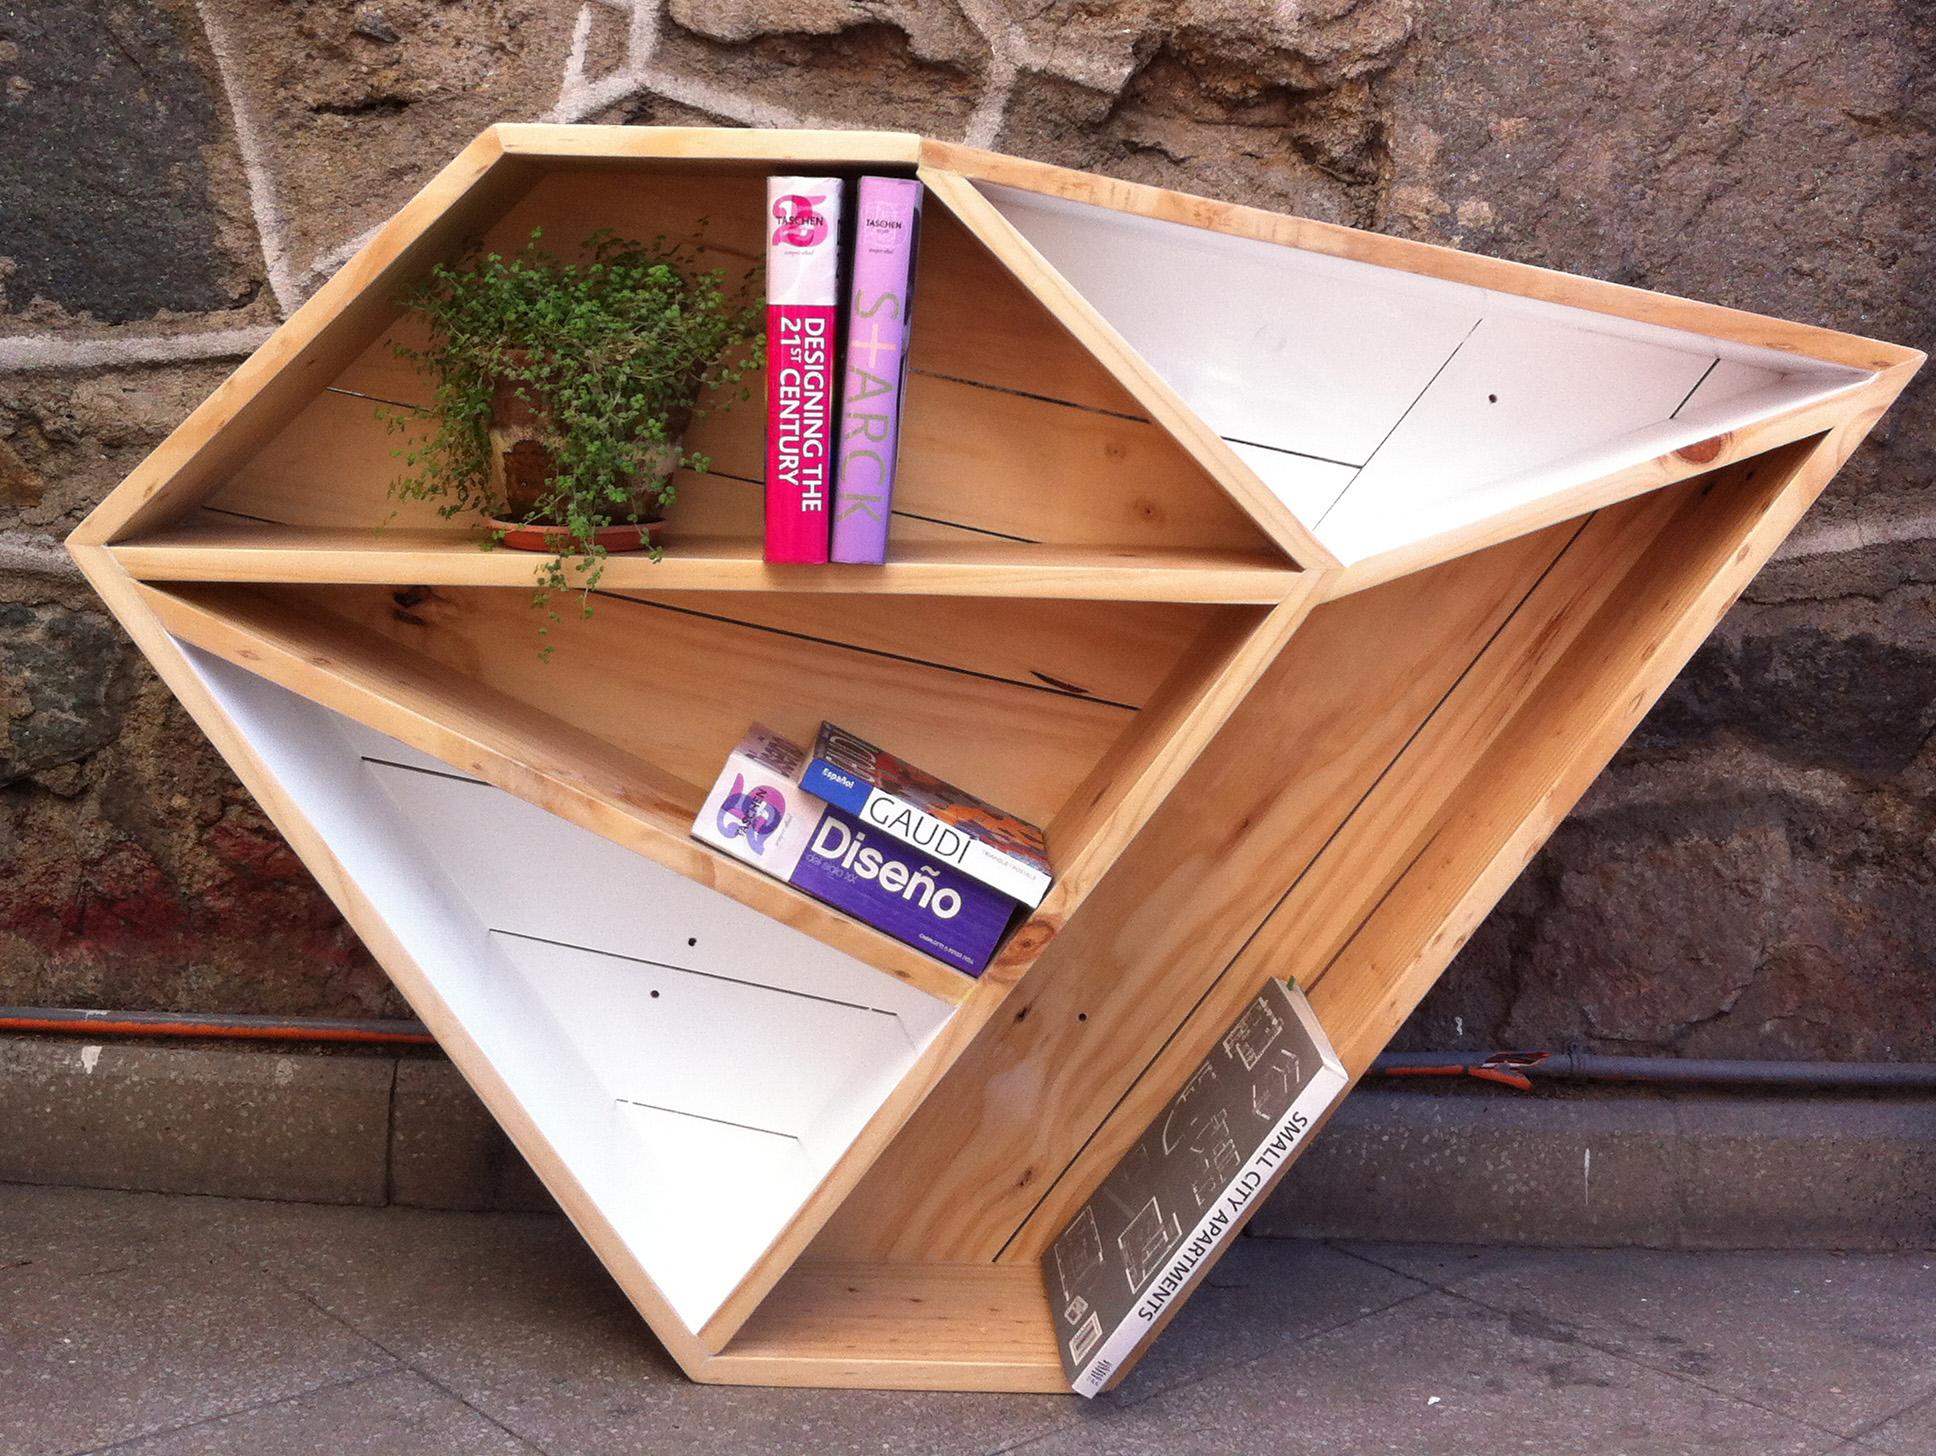 Muebles y objetos de madera dise o patr n creado en chile - Objetos decoracion diseno ...